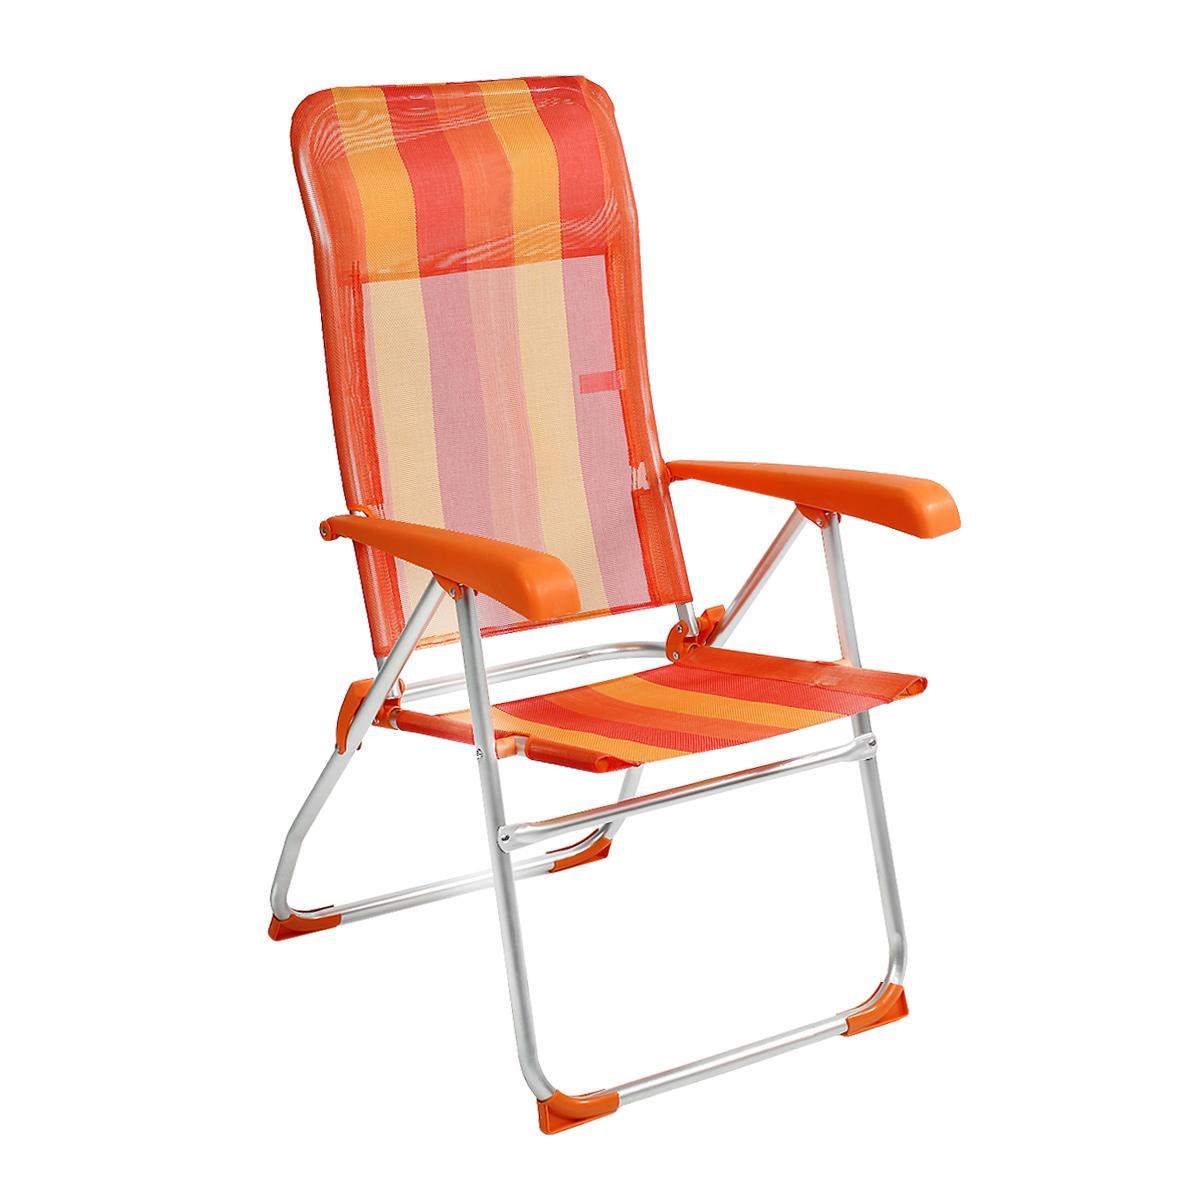 Кресло складное Happy Camper, цвет: желтый, оранжевыйТСДКресло складное Happy Camper - это незаменимый предмет походной мебели, очень удобен в эксплуатации. Каркас кресла изготовлен из прочного и долговечного алюминиевого сплава, устойчивого к погодным условиям, и оснащенный простым и безопасным механизмом регулировки и фиксации. Подлокотники выполнены из пластика. Кресло легко собирается и разбирается и не занимает много места, поэтому подходит для транспортировки и хранения дома. Складное кресло прекрасно подойдет для комфортного отдыха на даче или в походе. Характеристики: Материал: текстилен 1х1, алюминий. Размеры кресла в разложенном состоянии: 61 см х 64 см х 110 см. Максимальная нагрузка: 110 кг.